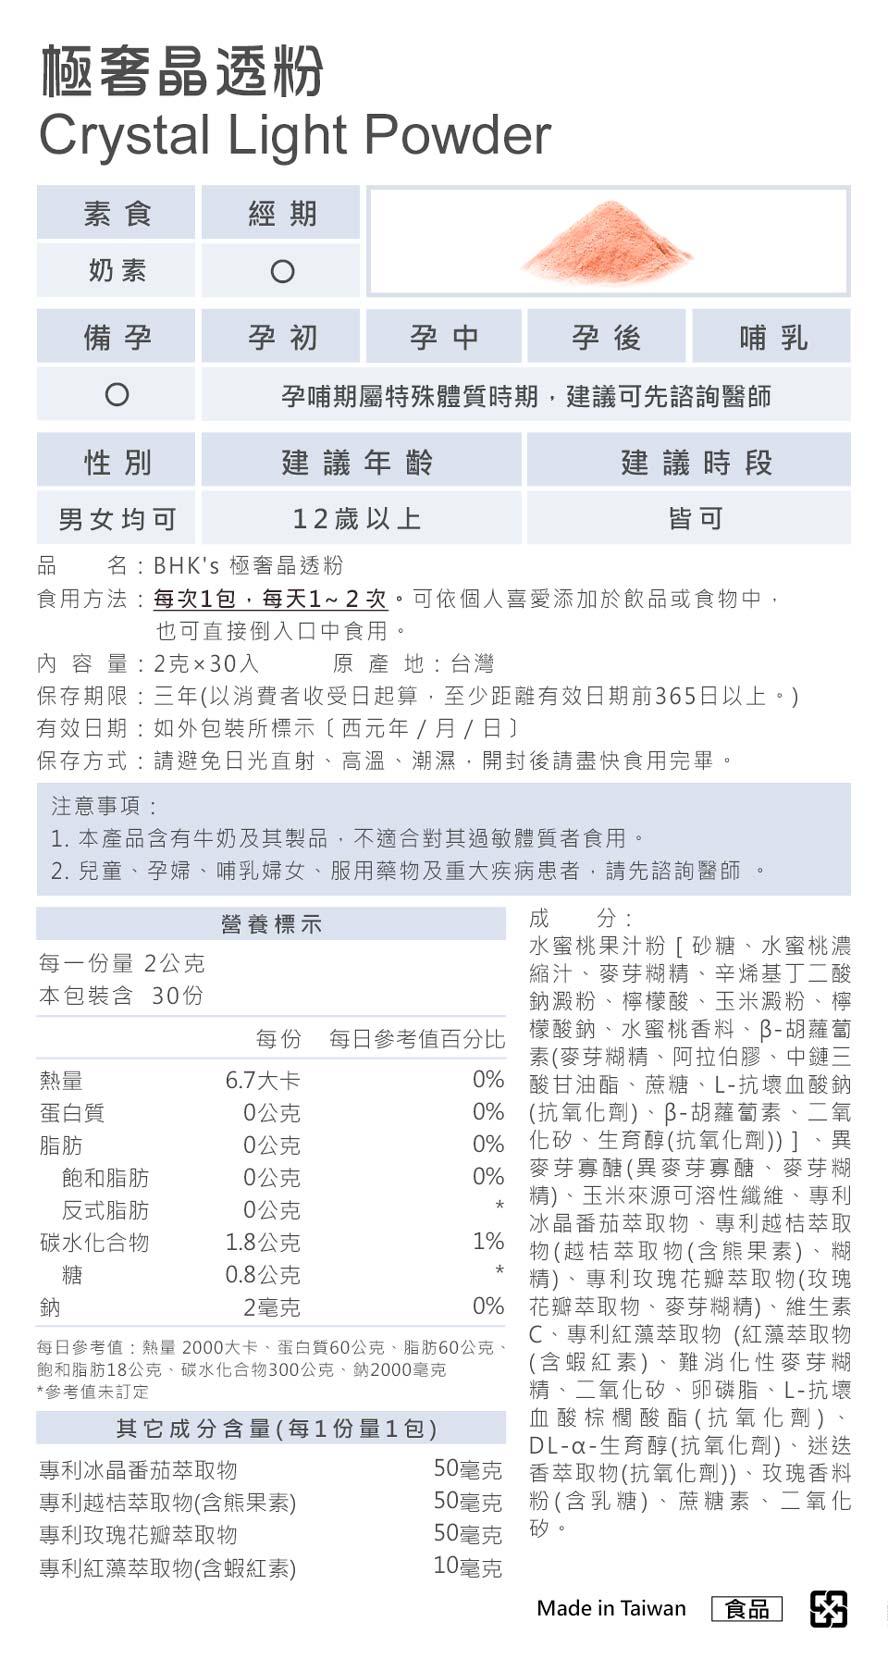 台灣品牌BHK's堅持高品質原物料,極奢晶透粉含牛奶製品,不適合對其過敏體質者食用。